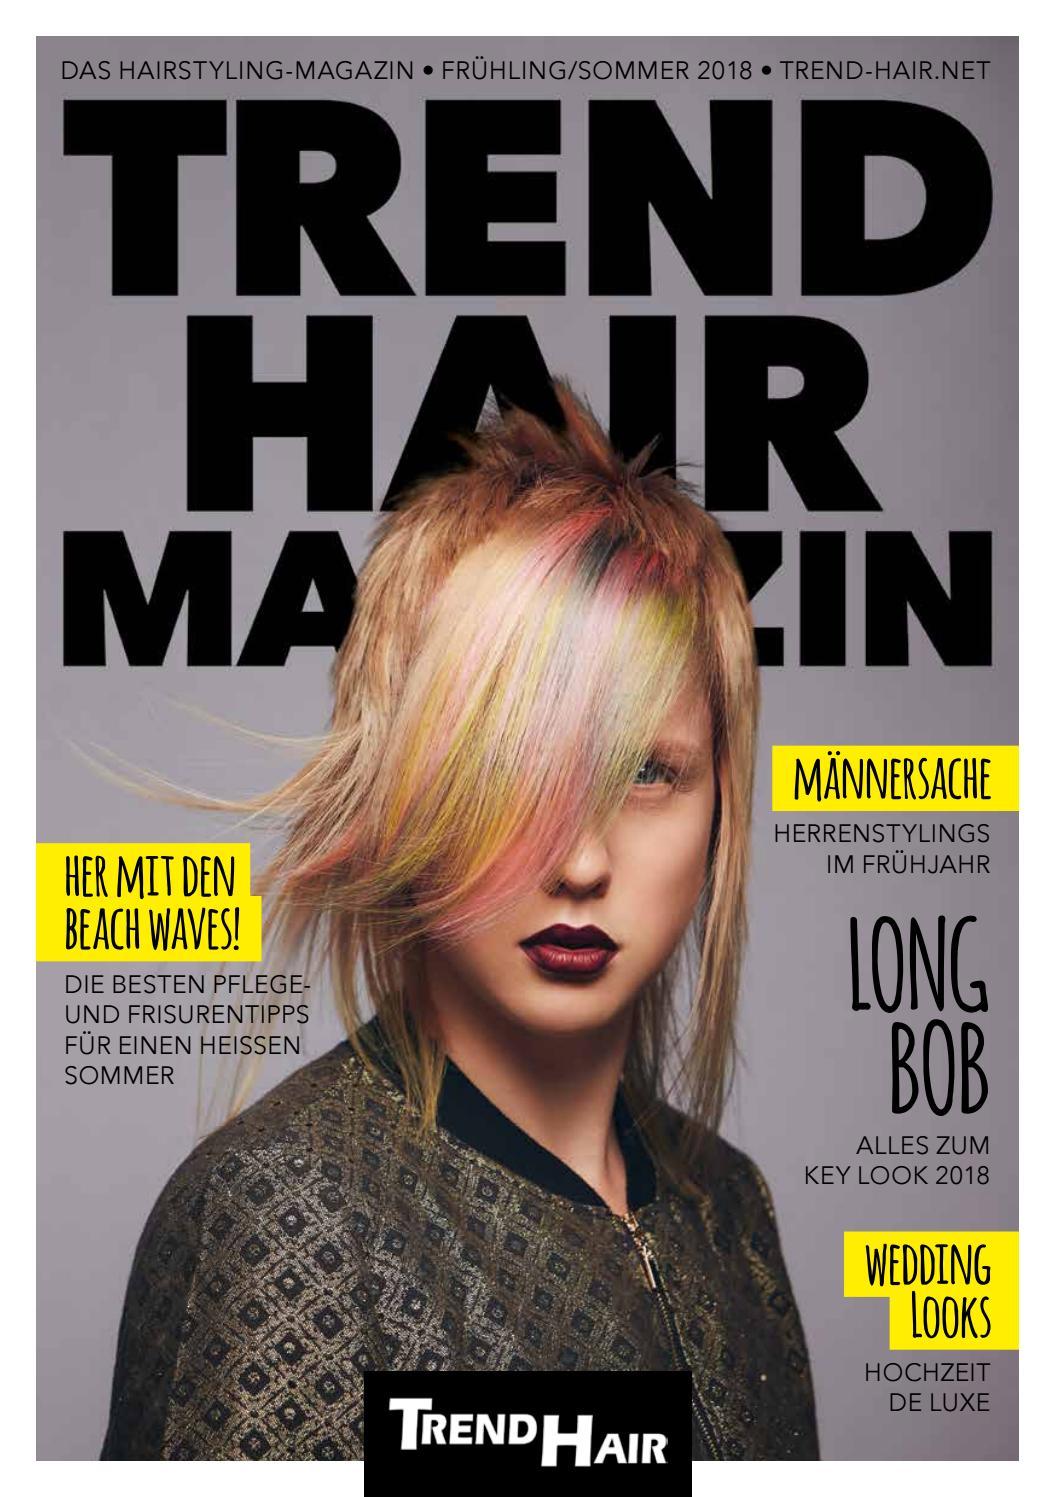 TREND HAIR Magazin FrühlingSommer 2018 by Corporate Media